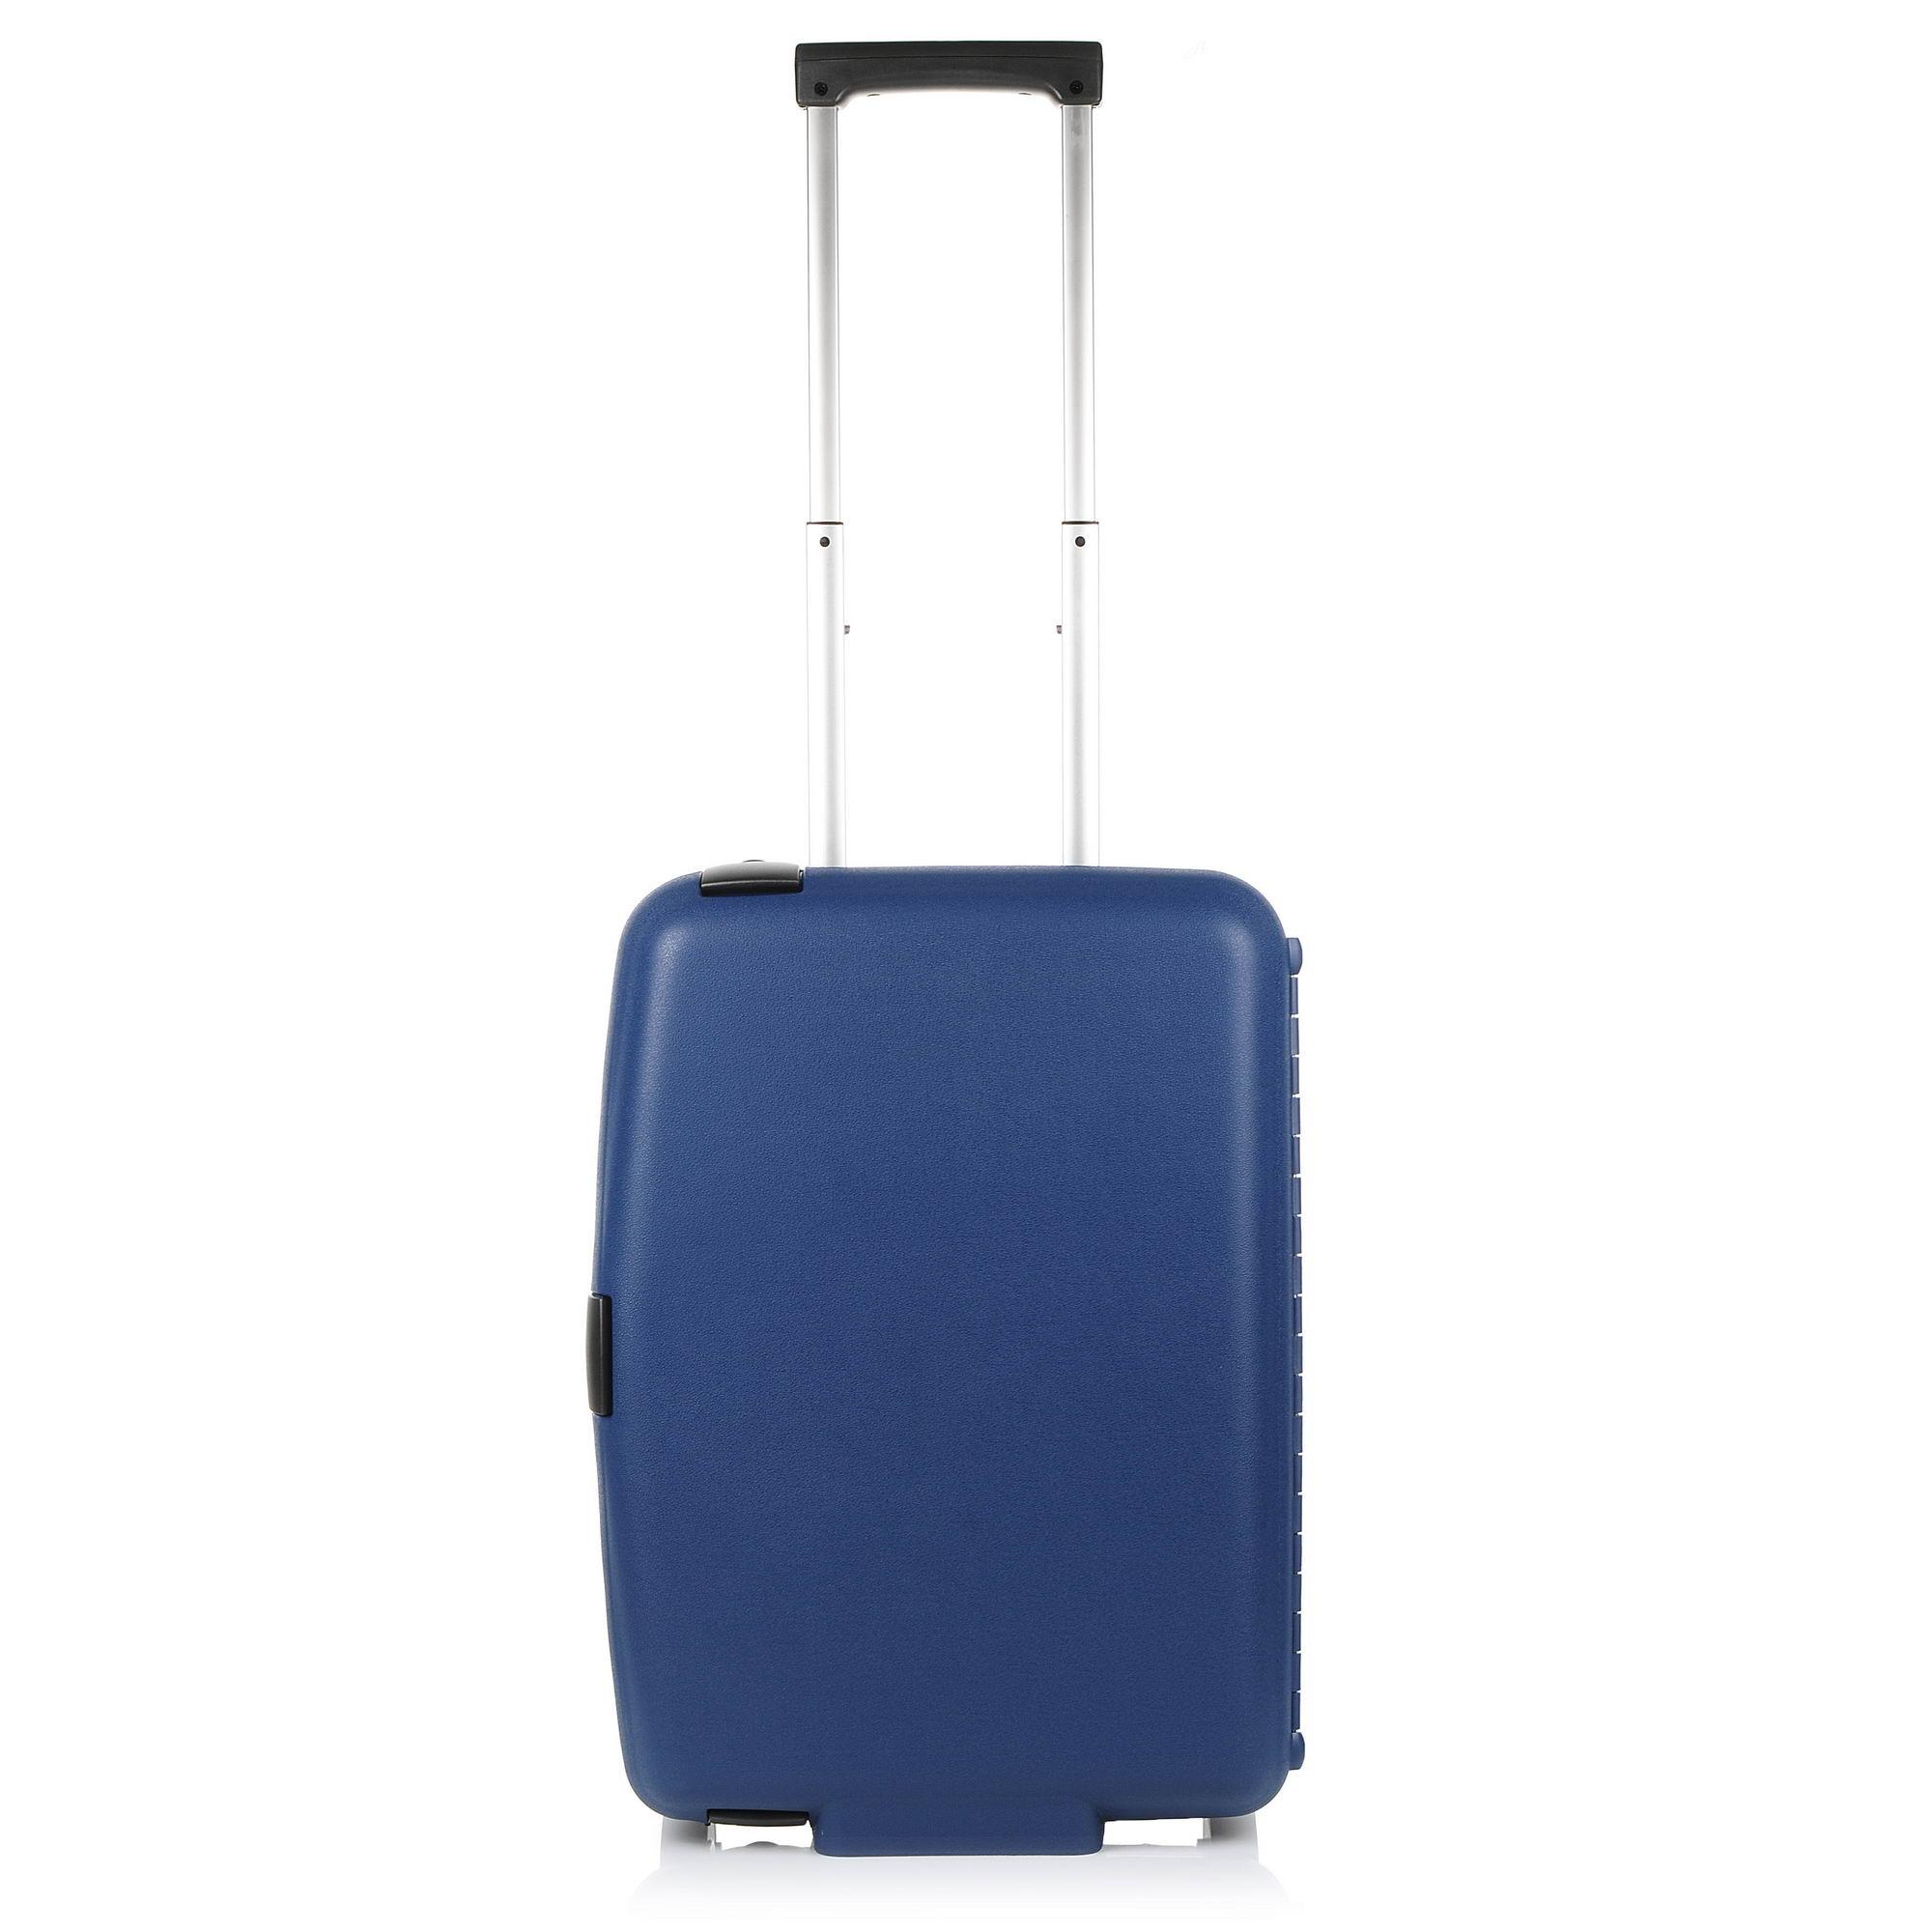 Βαλίτσα Σκληρή Samsonite Cabin Collection Upright 55/20 42080 ειδη ταξιδιου   βαλίτσα hard